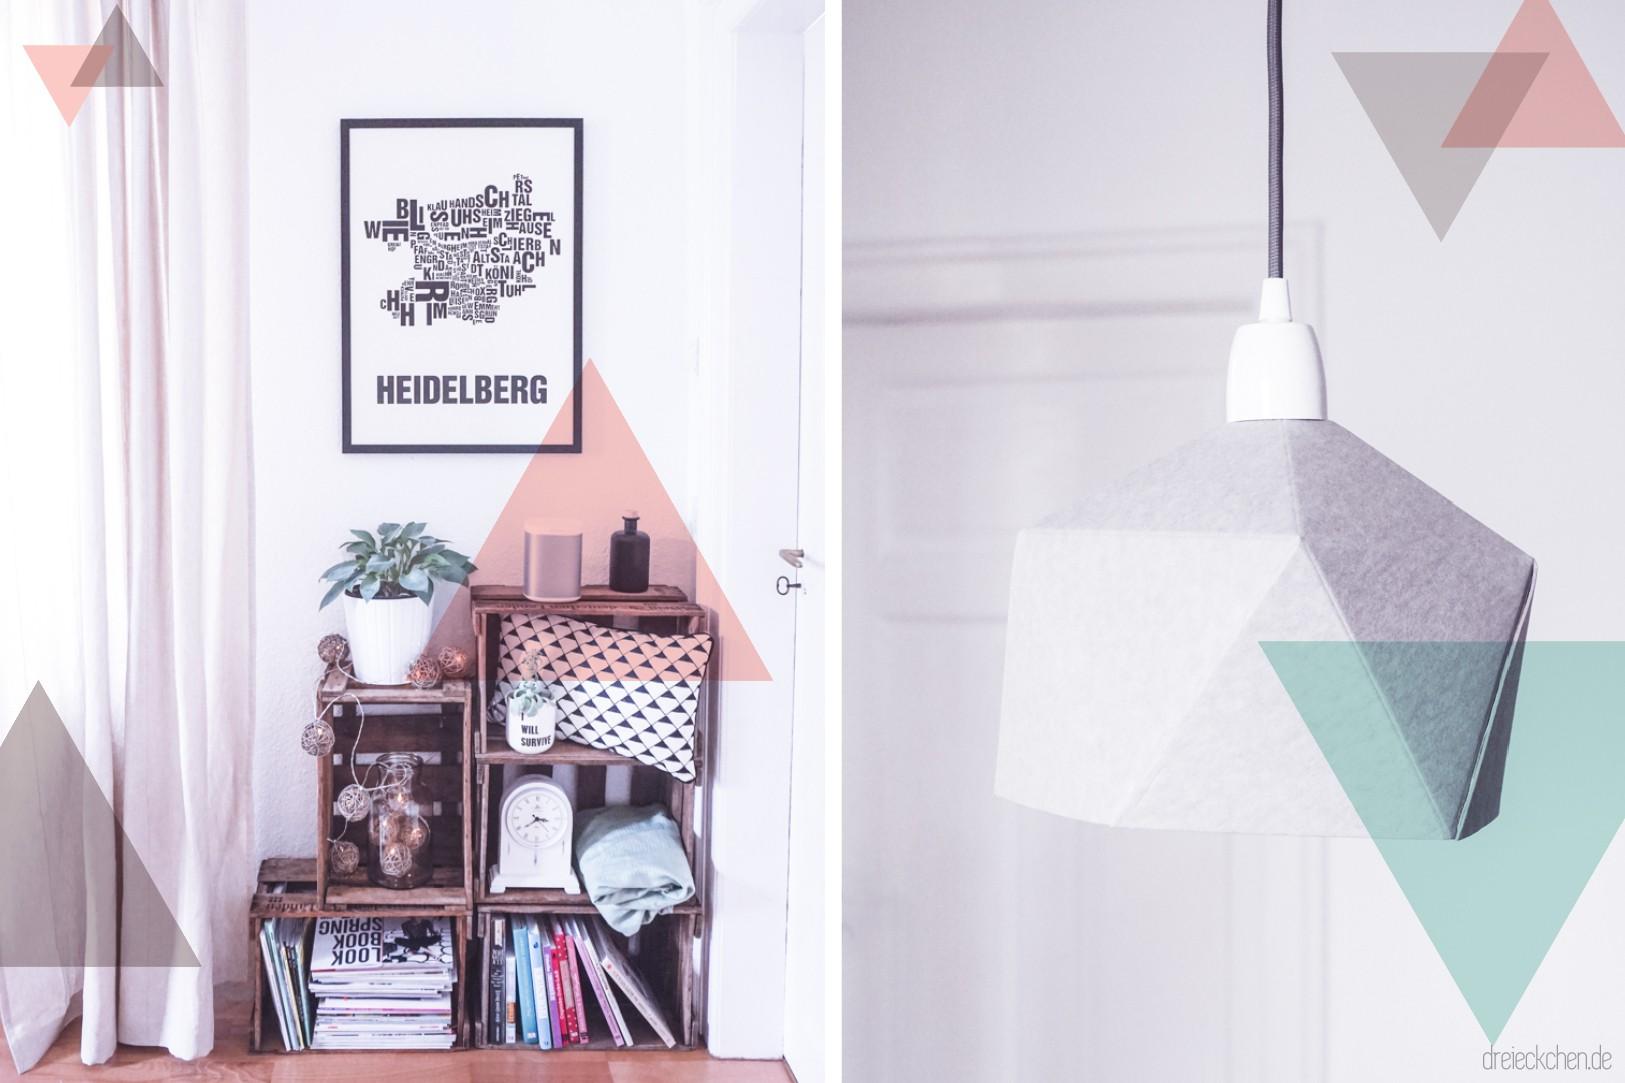 Außergewöhnliche Deko Schön Wohnzimmer Dekoration Inspiration Dekoration